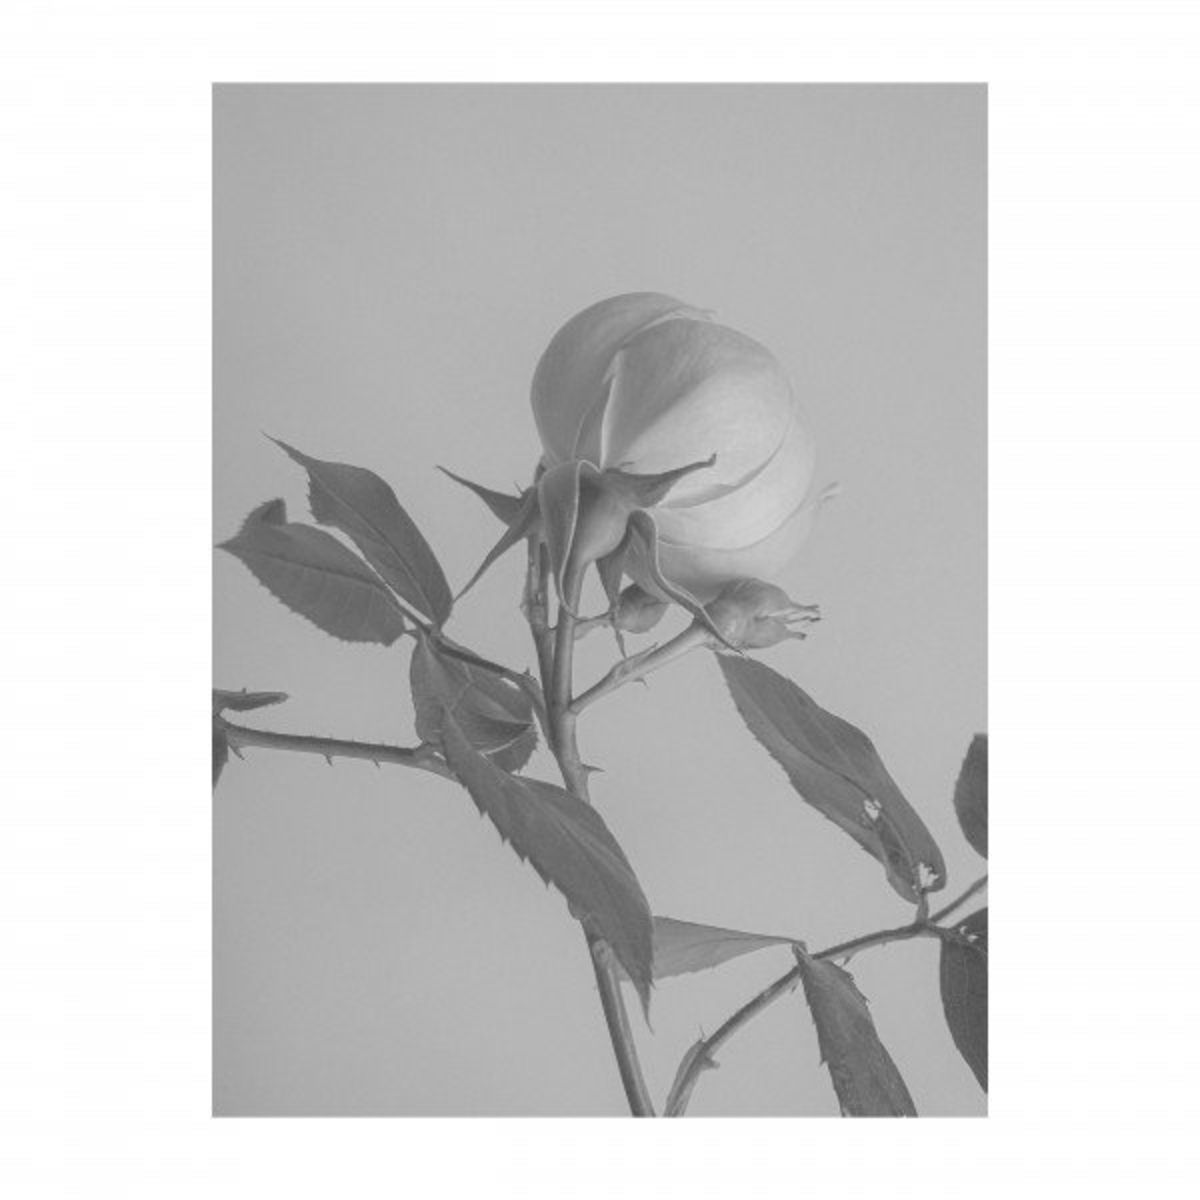 Imminence - Paralyzed (Acoustic) [single] (2020)